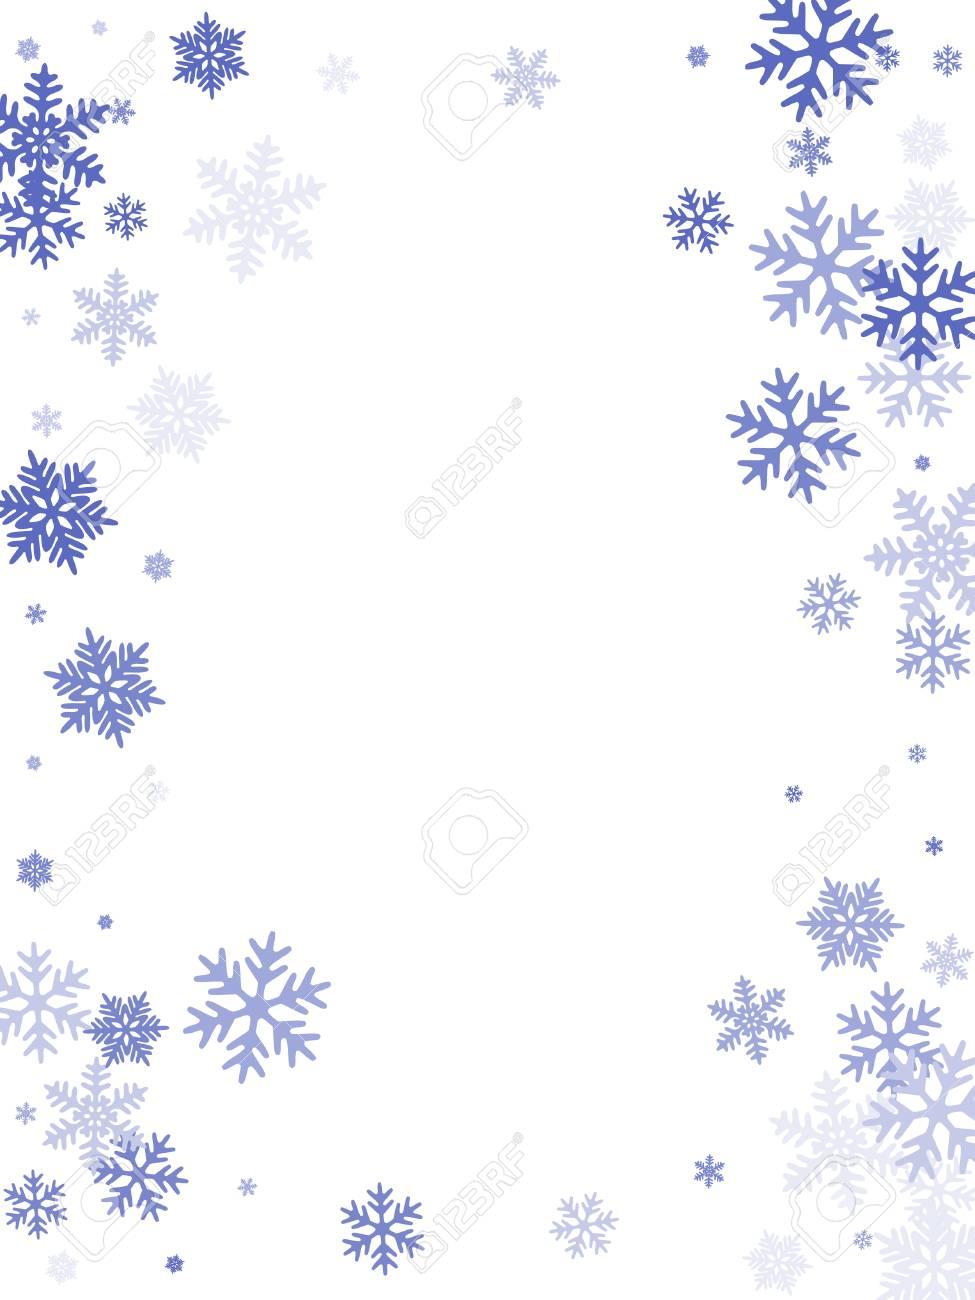 雪の冬のカード枠はフレーク落下のベクトルの背景です罫線マクロの